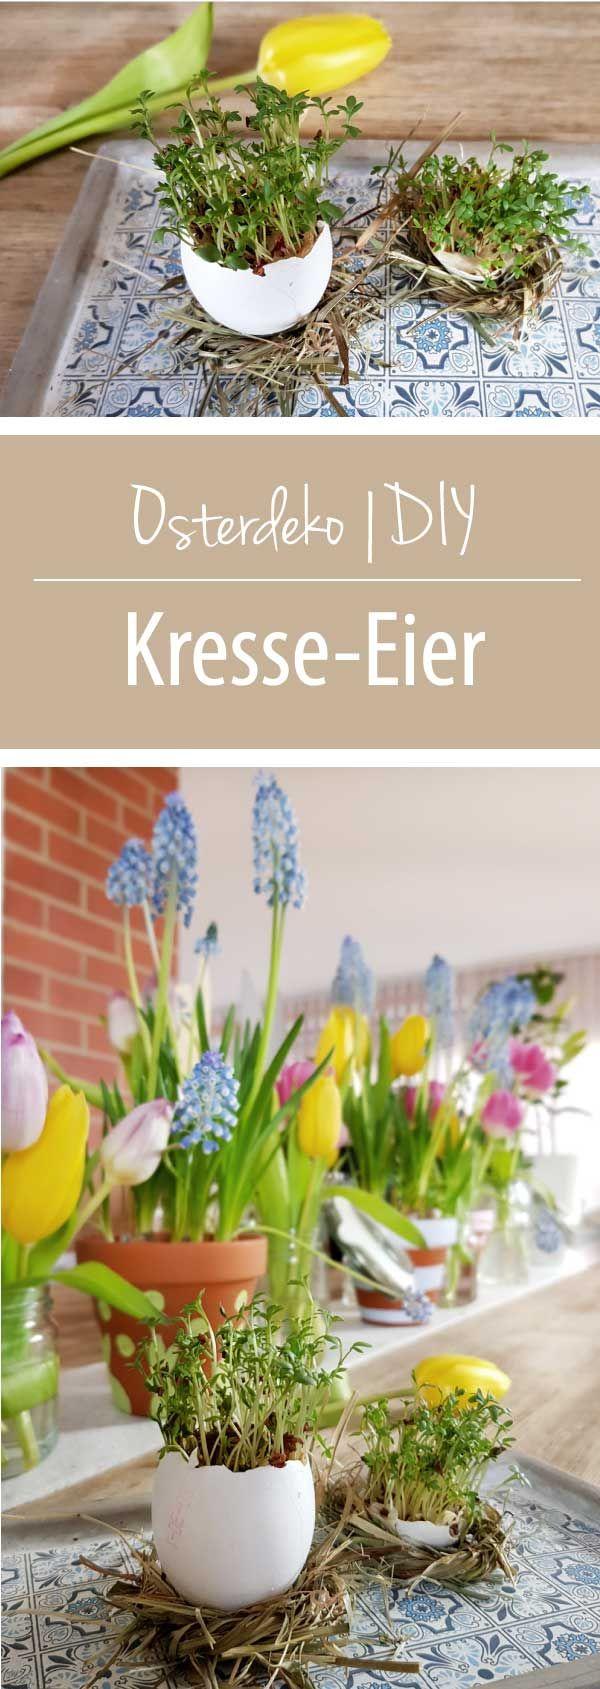 Osterdeko-DIY-Kresse-Eier